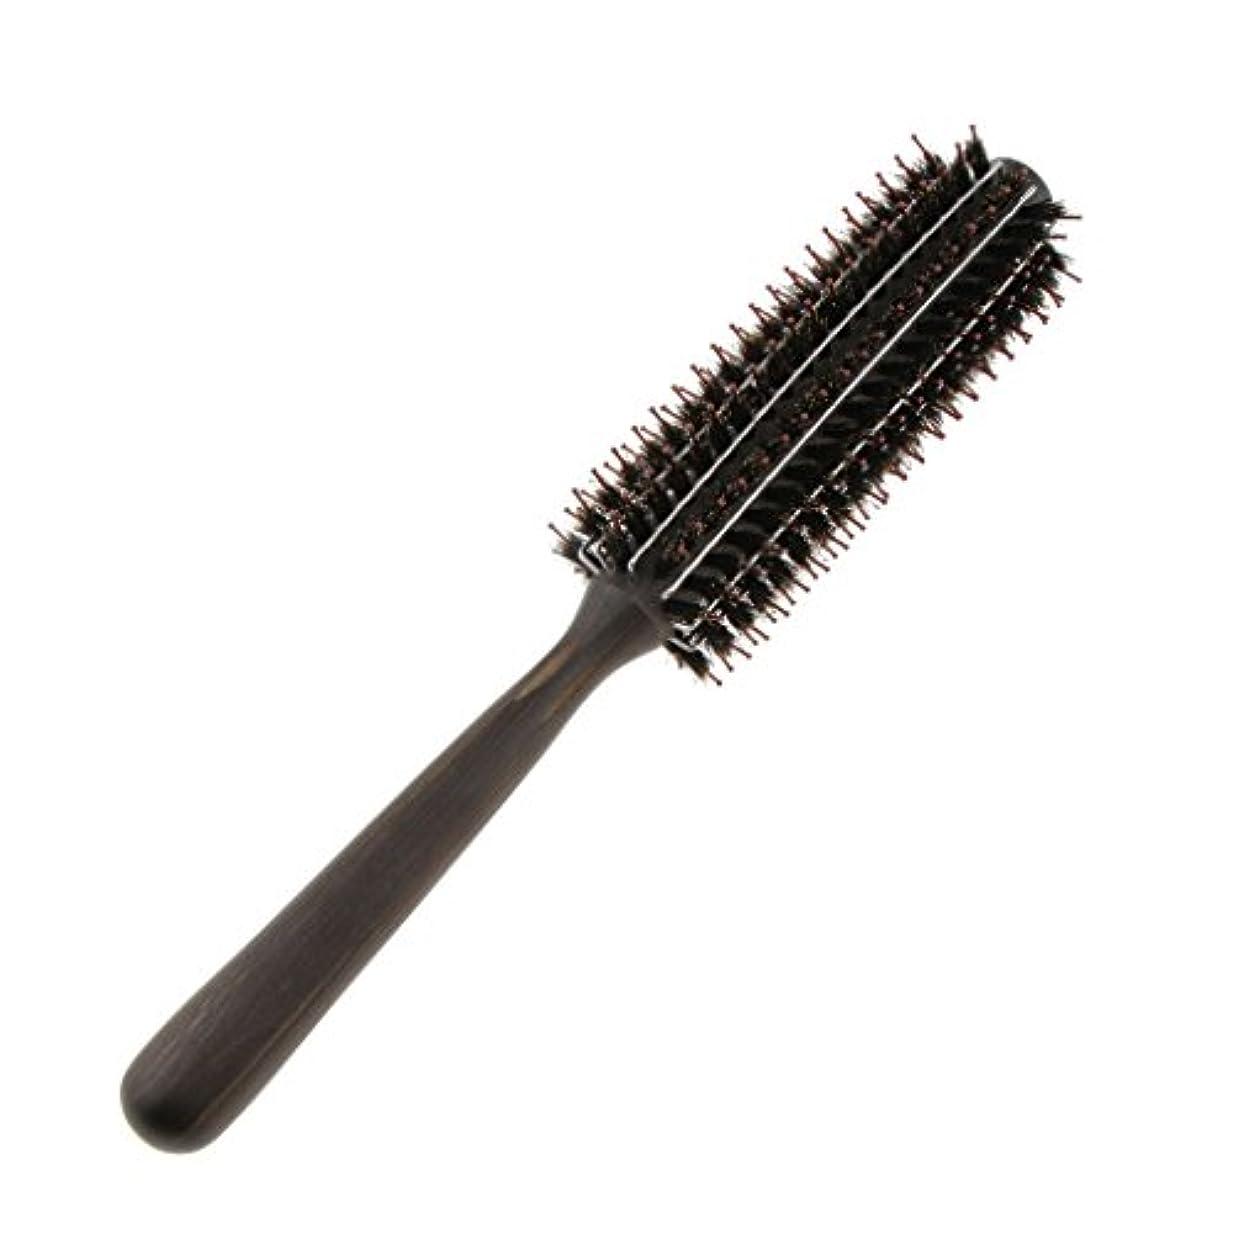 クリークブランクフィルタロールブラシ カール 巻き髪 ヘア ブラシ ロール ヘアコーム 木製ハンドル 3サイズ選べる - M